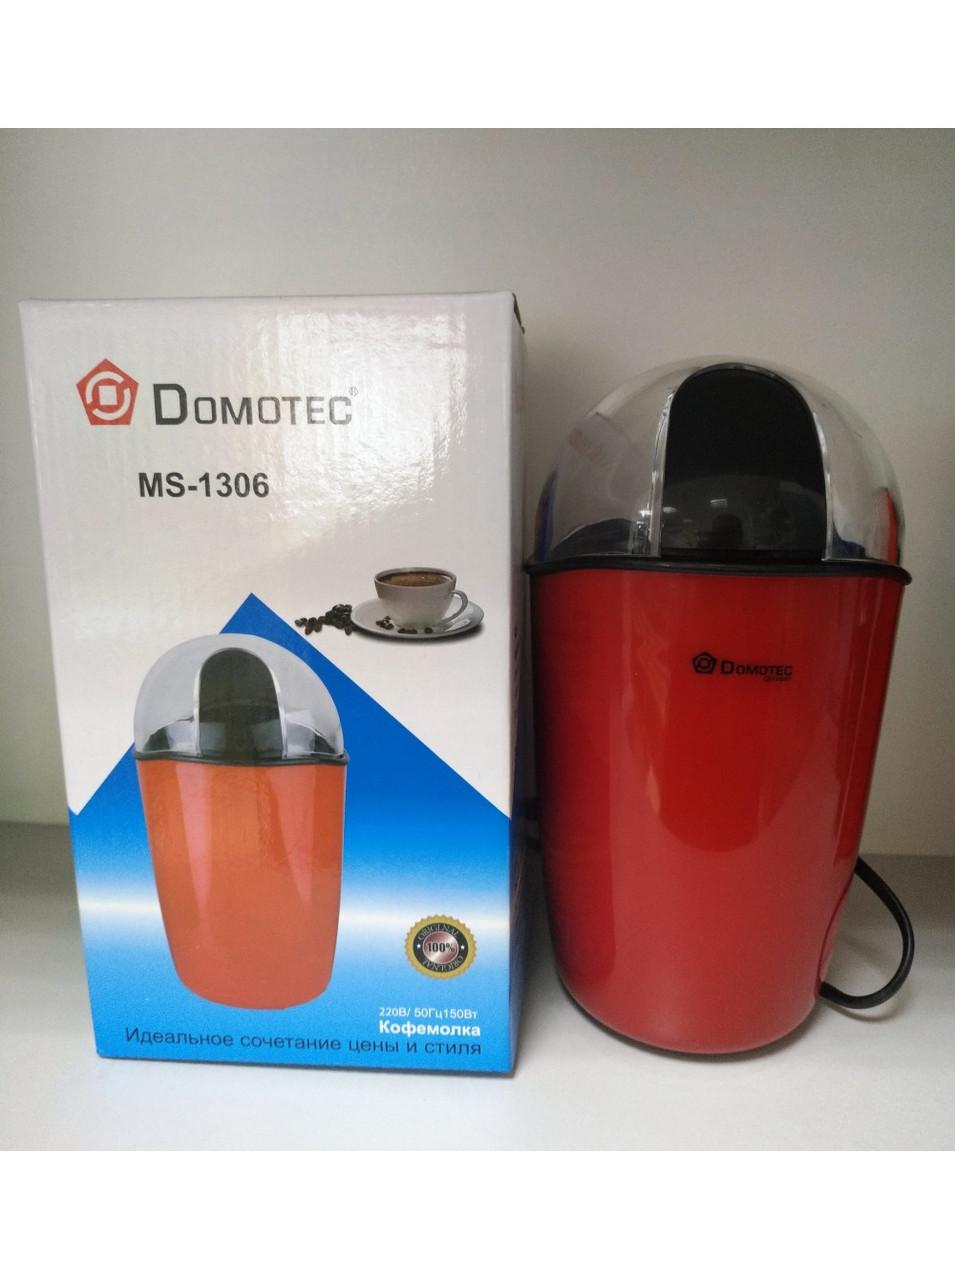 Кофемолка Domotec MS 1306 220V/200W , Измельчитель кофе, Электрическая кофемолка, Ножевая кофемолка